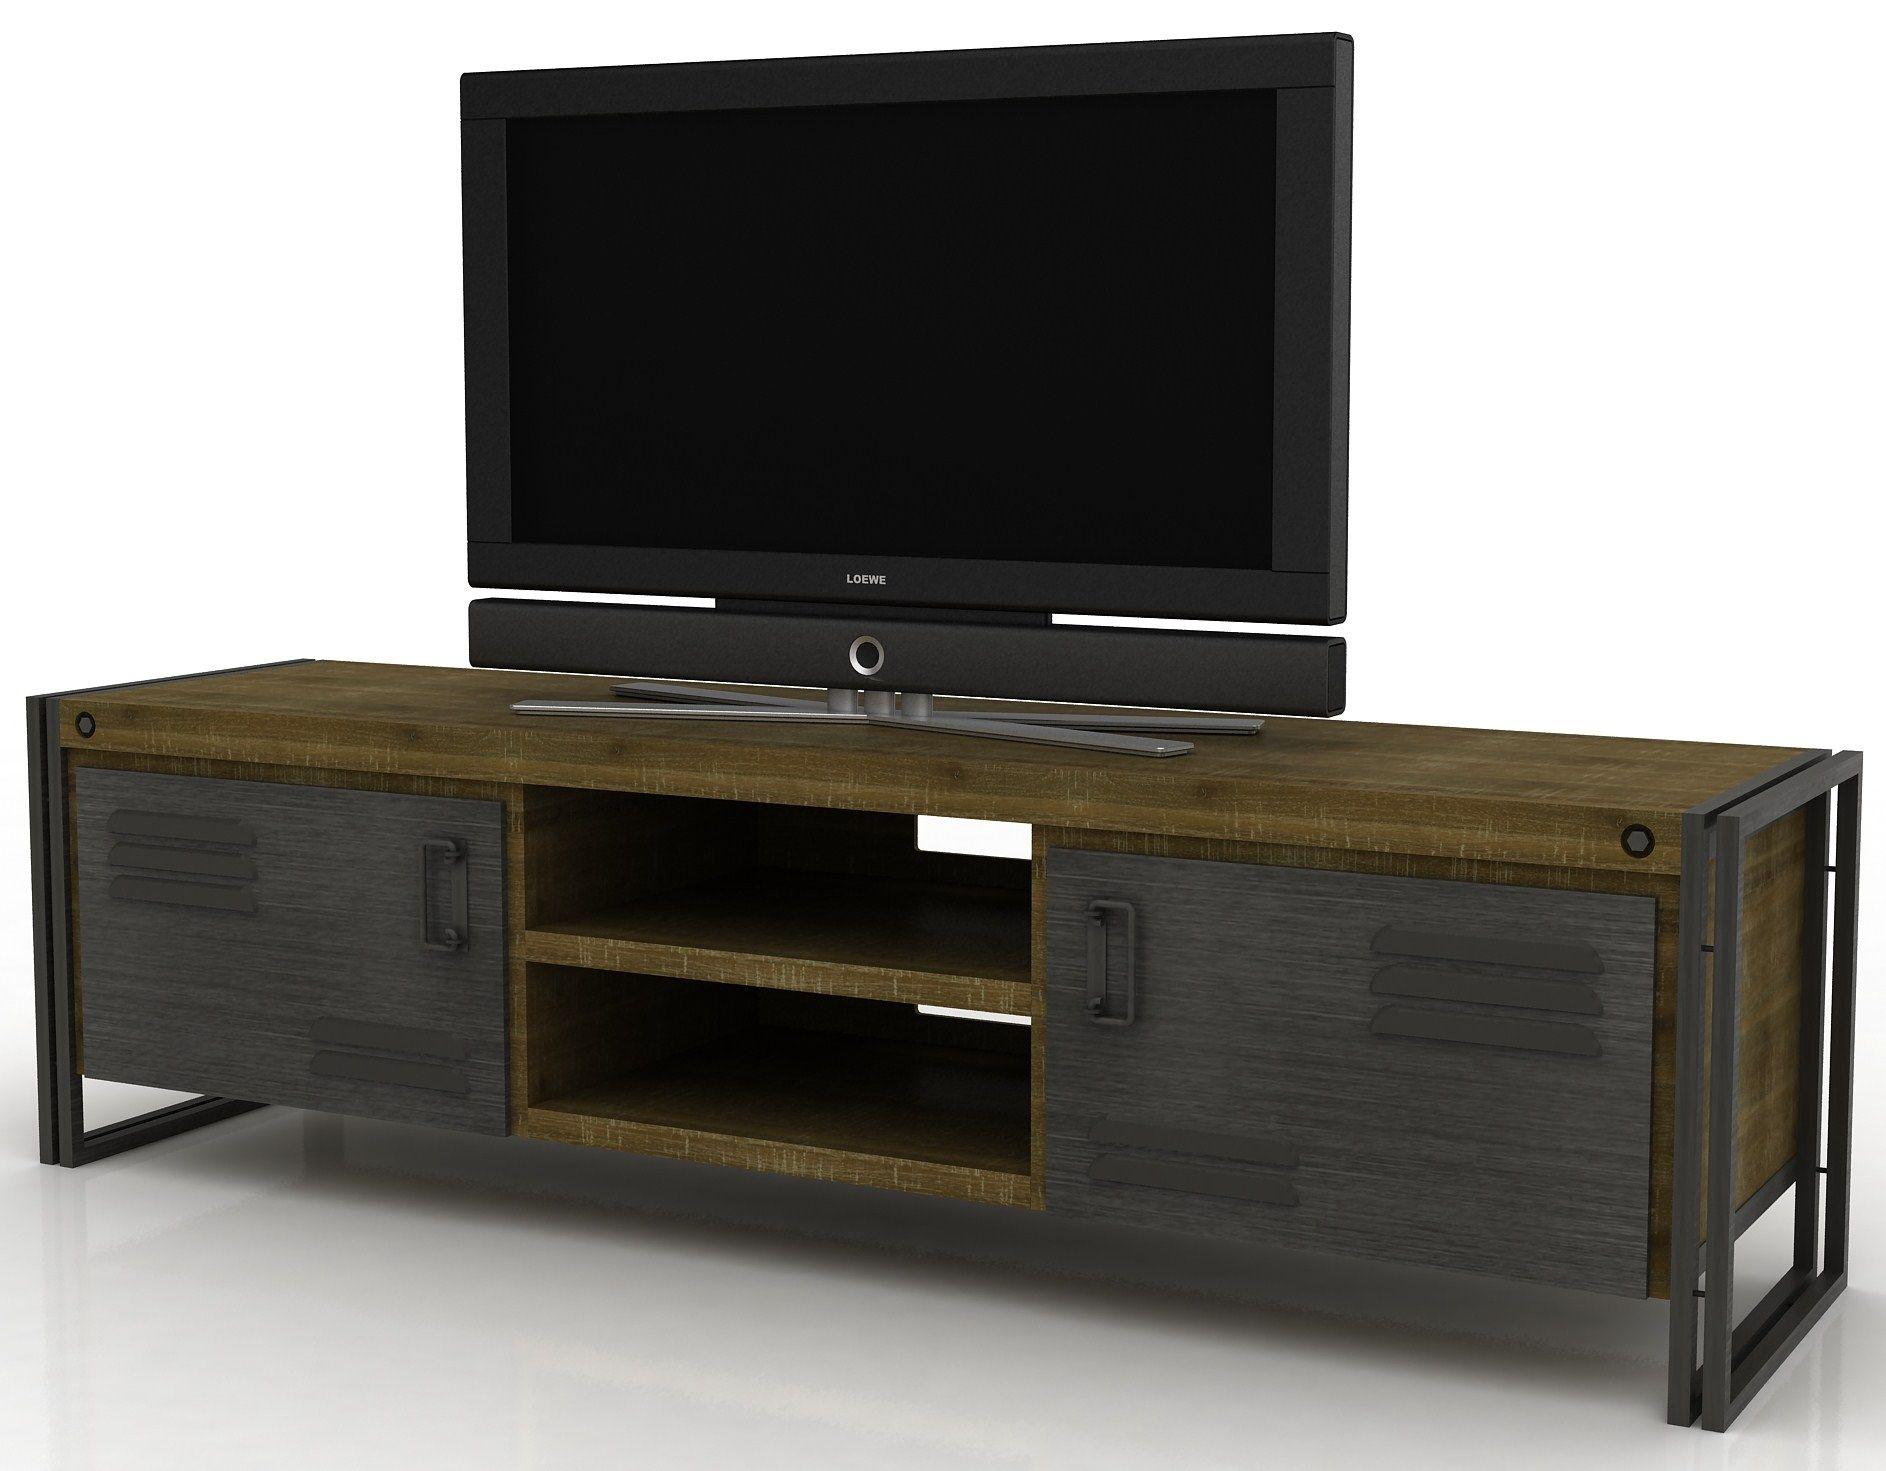 Tv Kast Nl : Industrieële tv kast 180 cm tv lcd plasma meubelen www.houtmijn